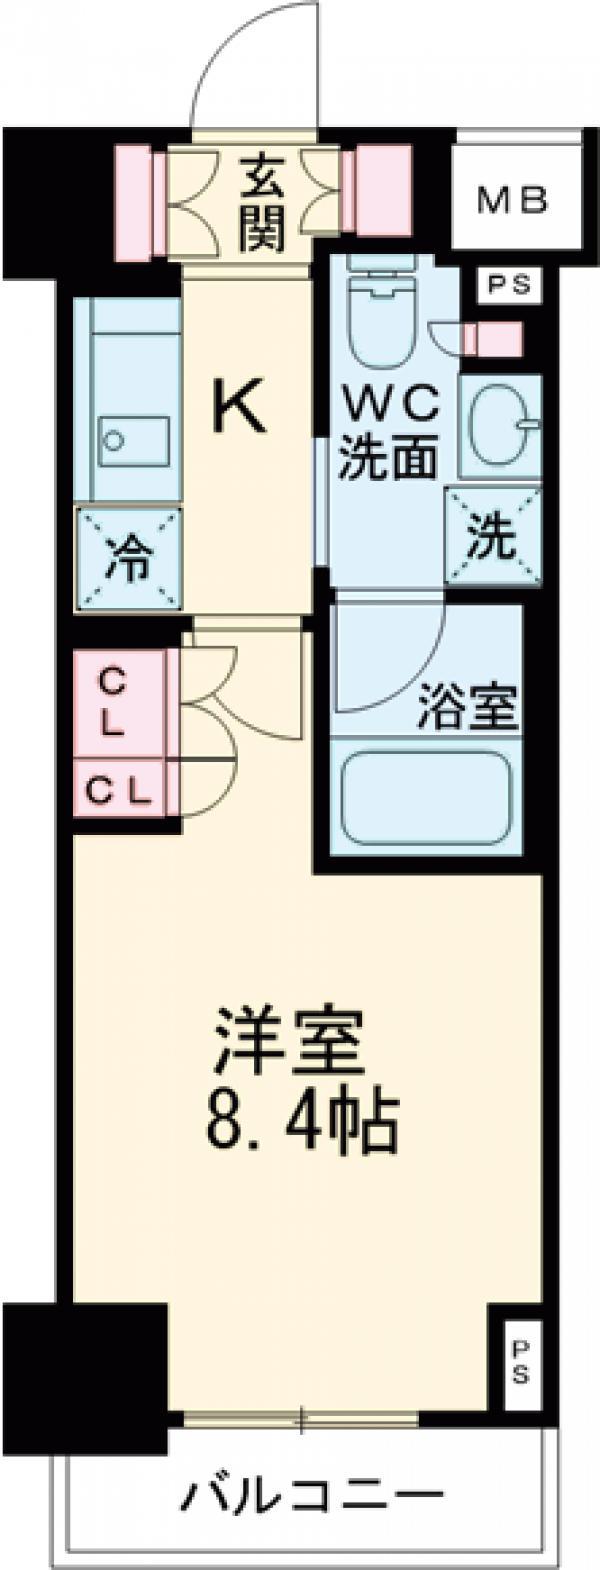 プラウドフラット西早稲田・602号室の間取り